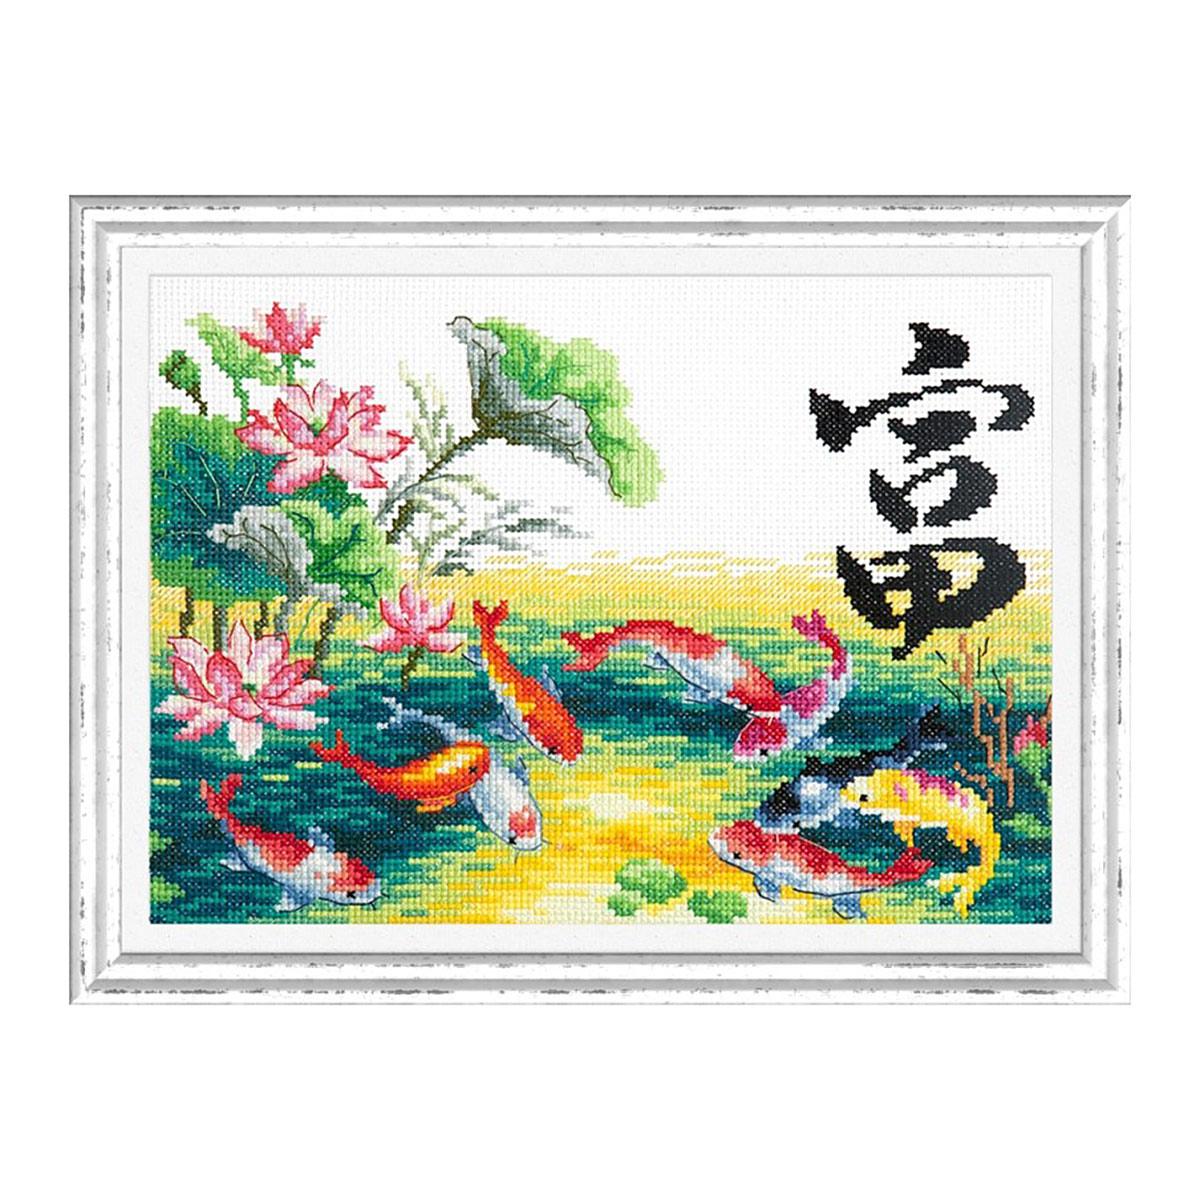 87-03 Набор для вышивания 'Чудесная игла' 'Богатство', 25*18 см